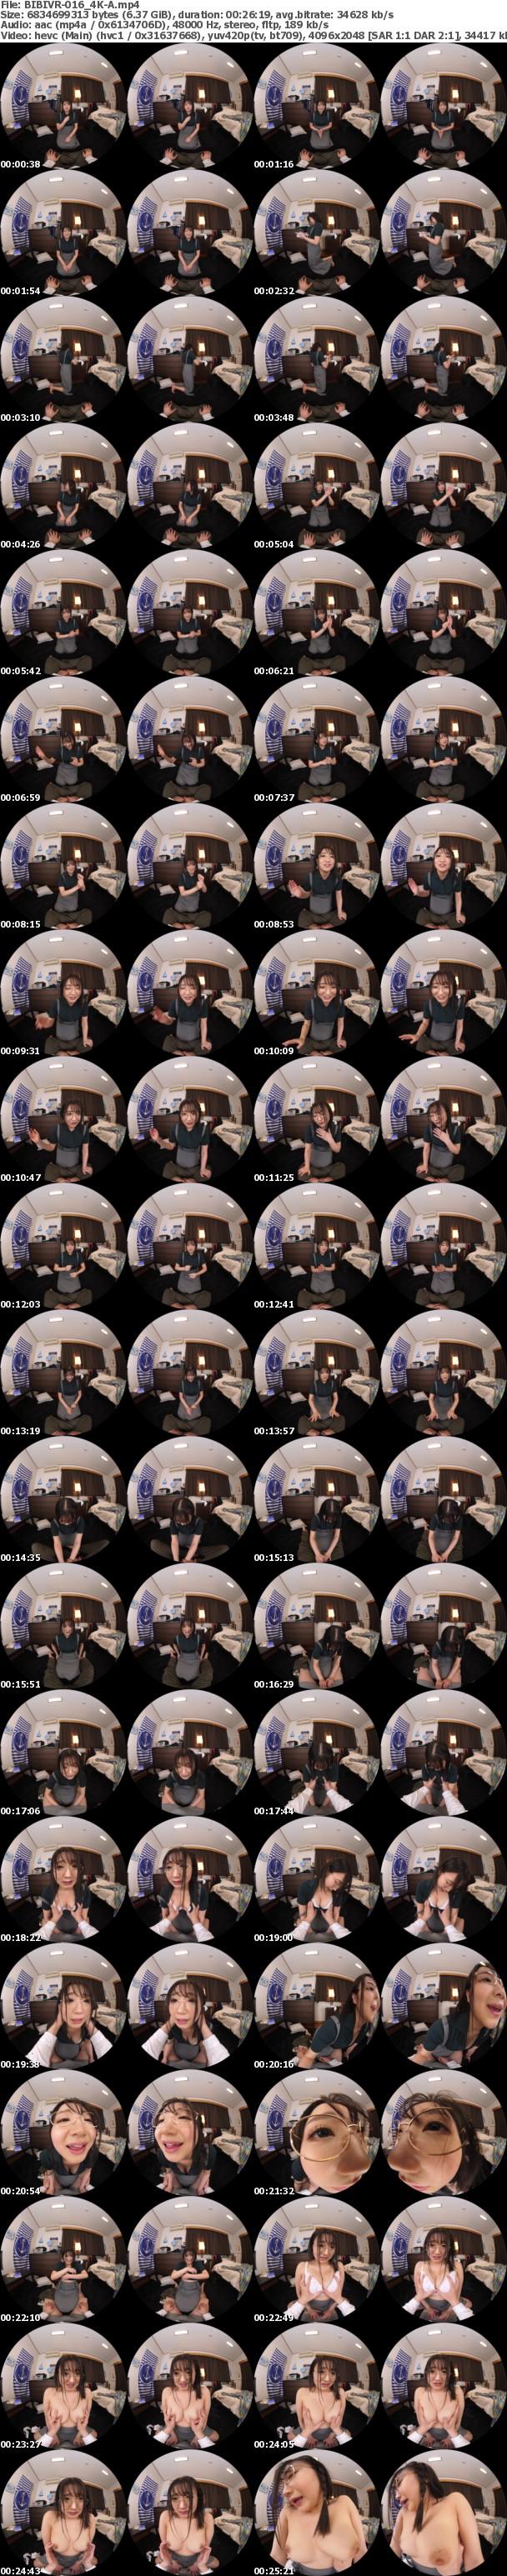 (VR) (4K) BIBIVR-016 BLにしか興味のなかった腐女子の子宮を奥突きピストン チ○ポに媚びるカラダへ生まれ変わる 詩月まどか